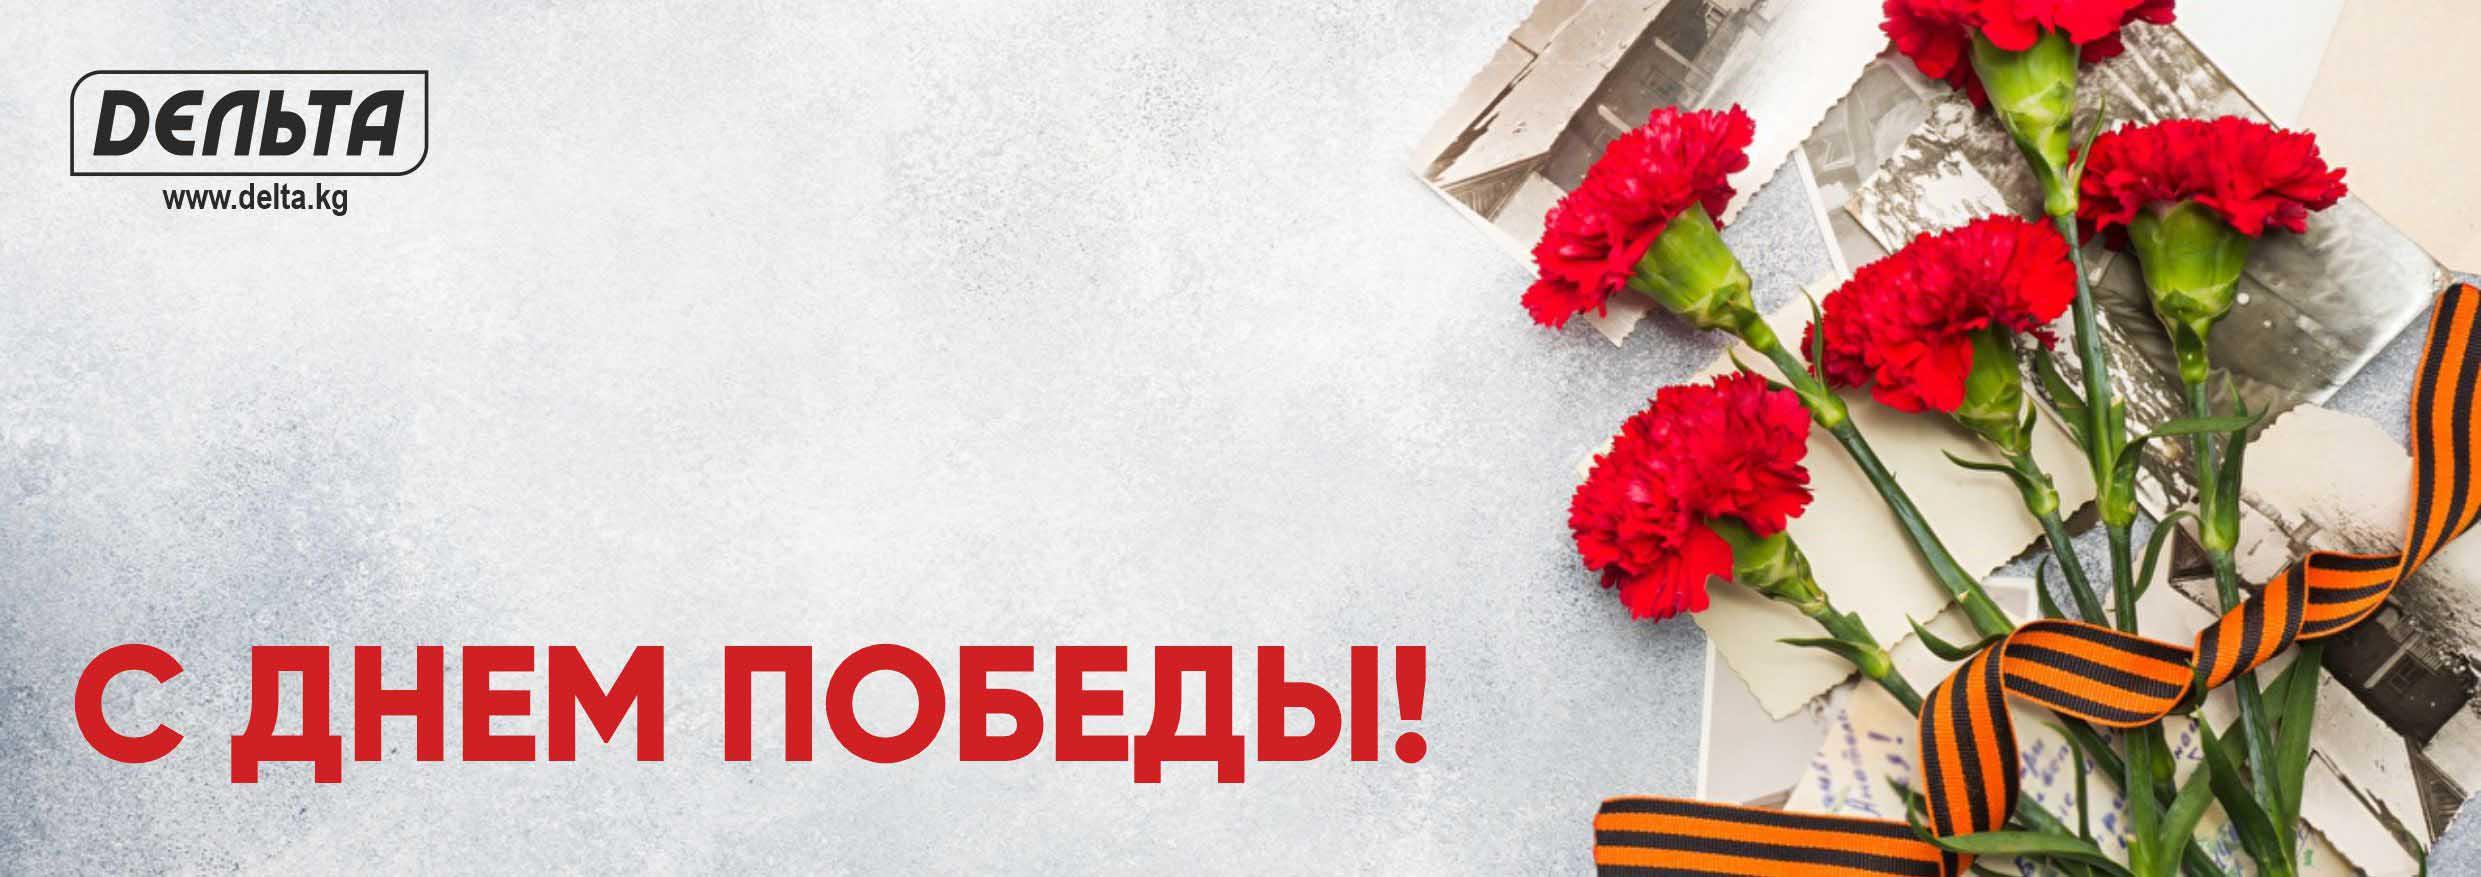 Поздравляем с величайшим праздником — с Днем Победы!